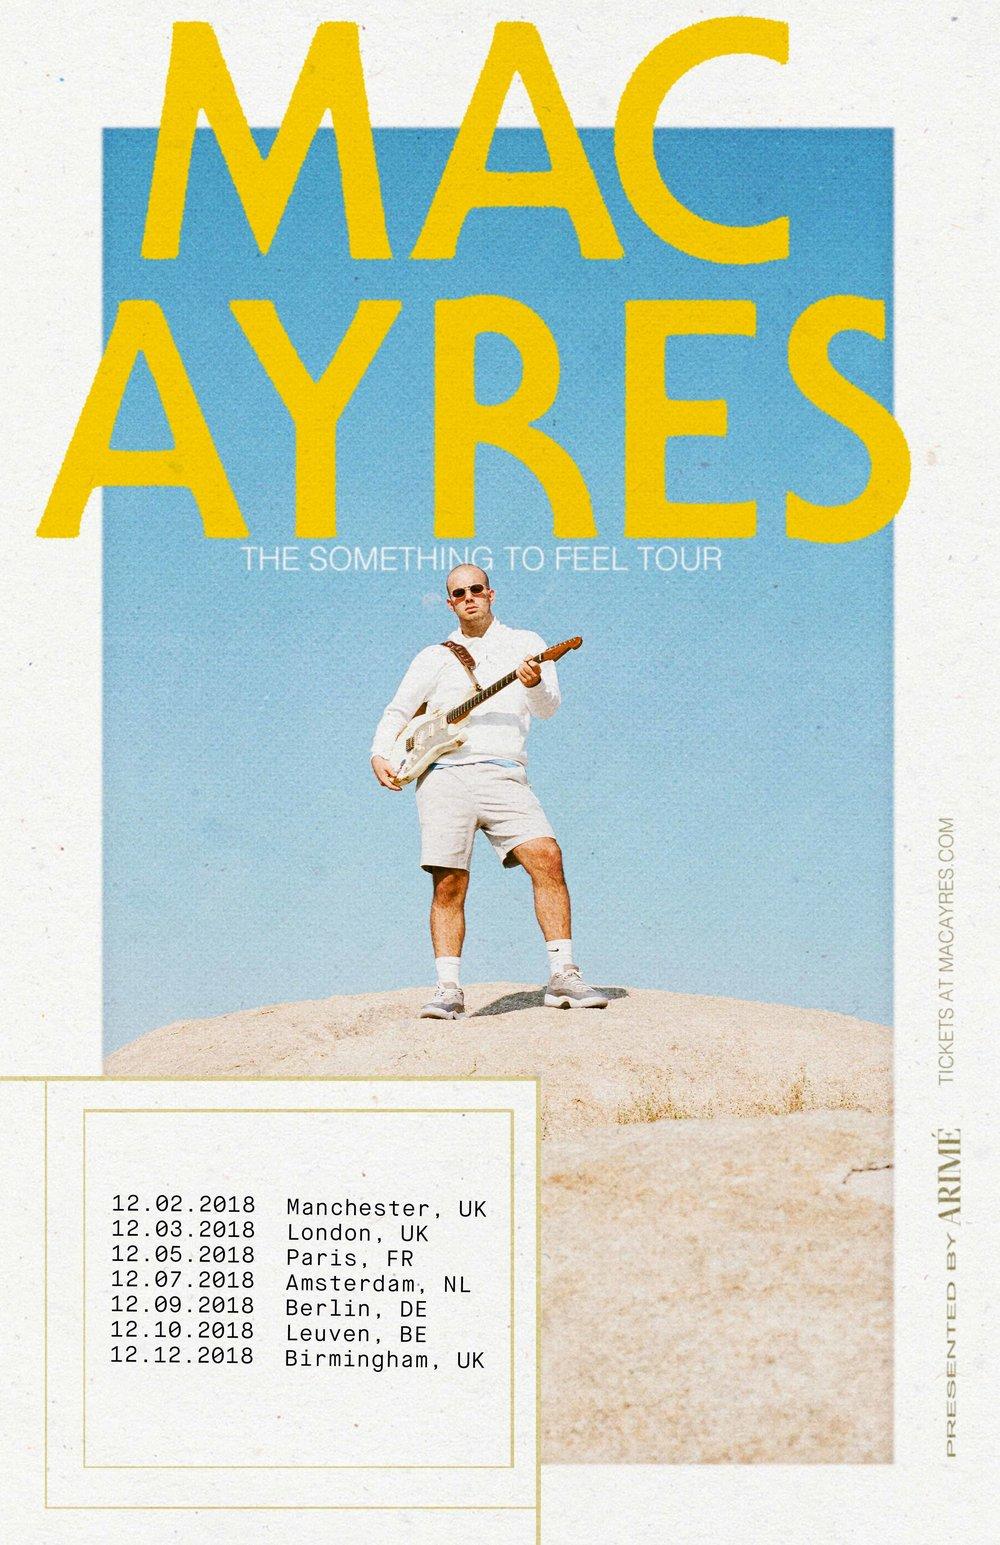 Europe Tour Poster.jpg